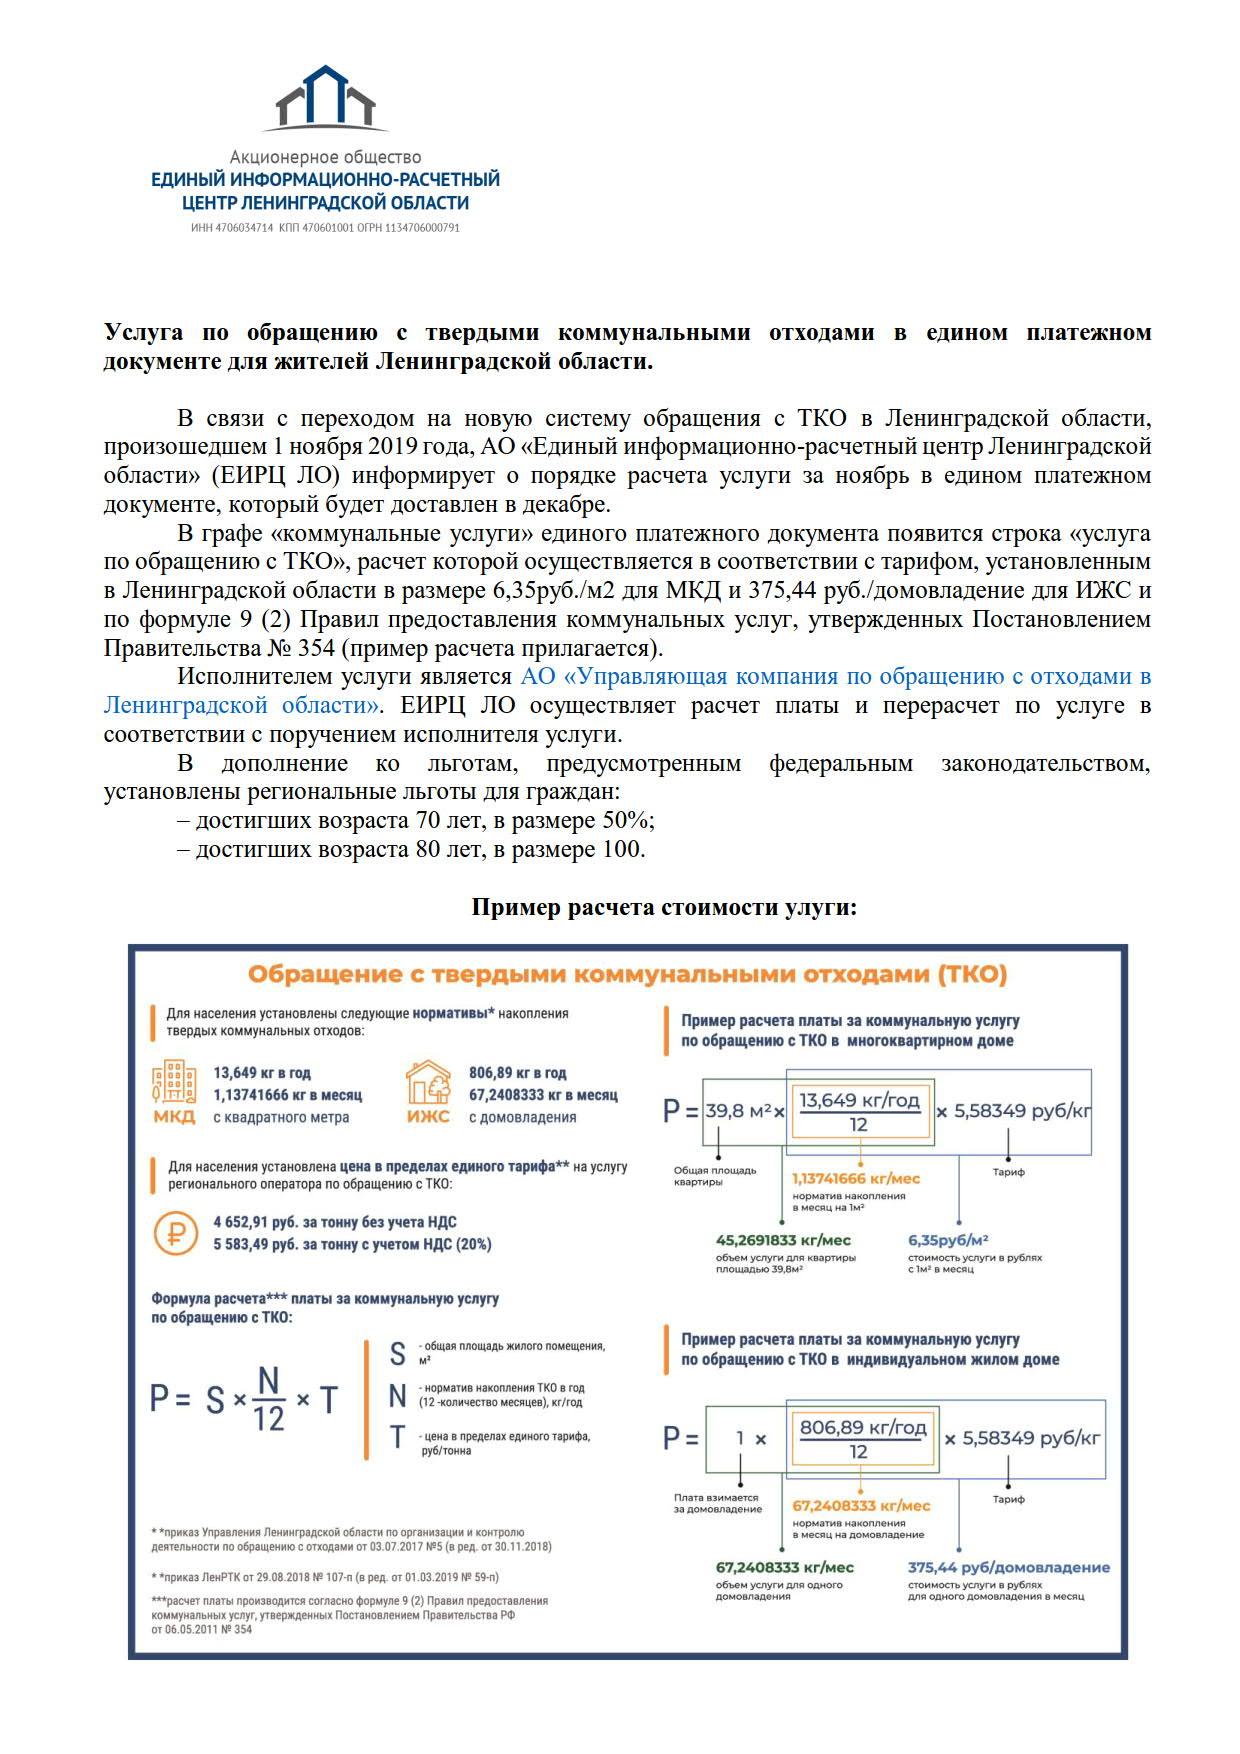 Услуга ТКО в ЕПД_25.11.2019_1